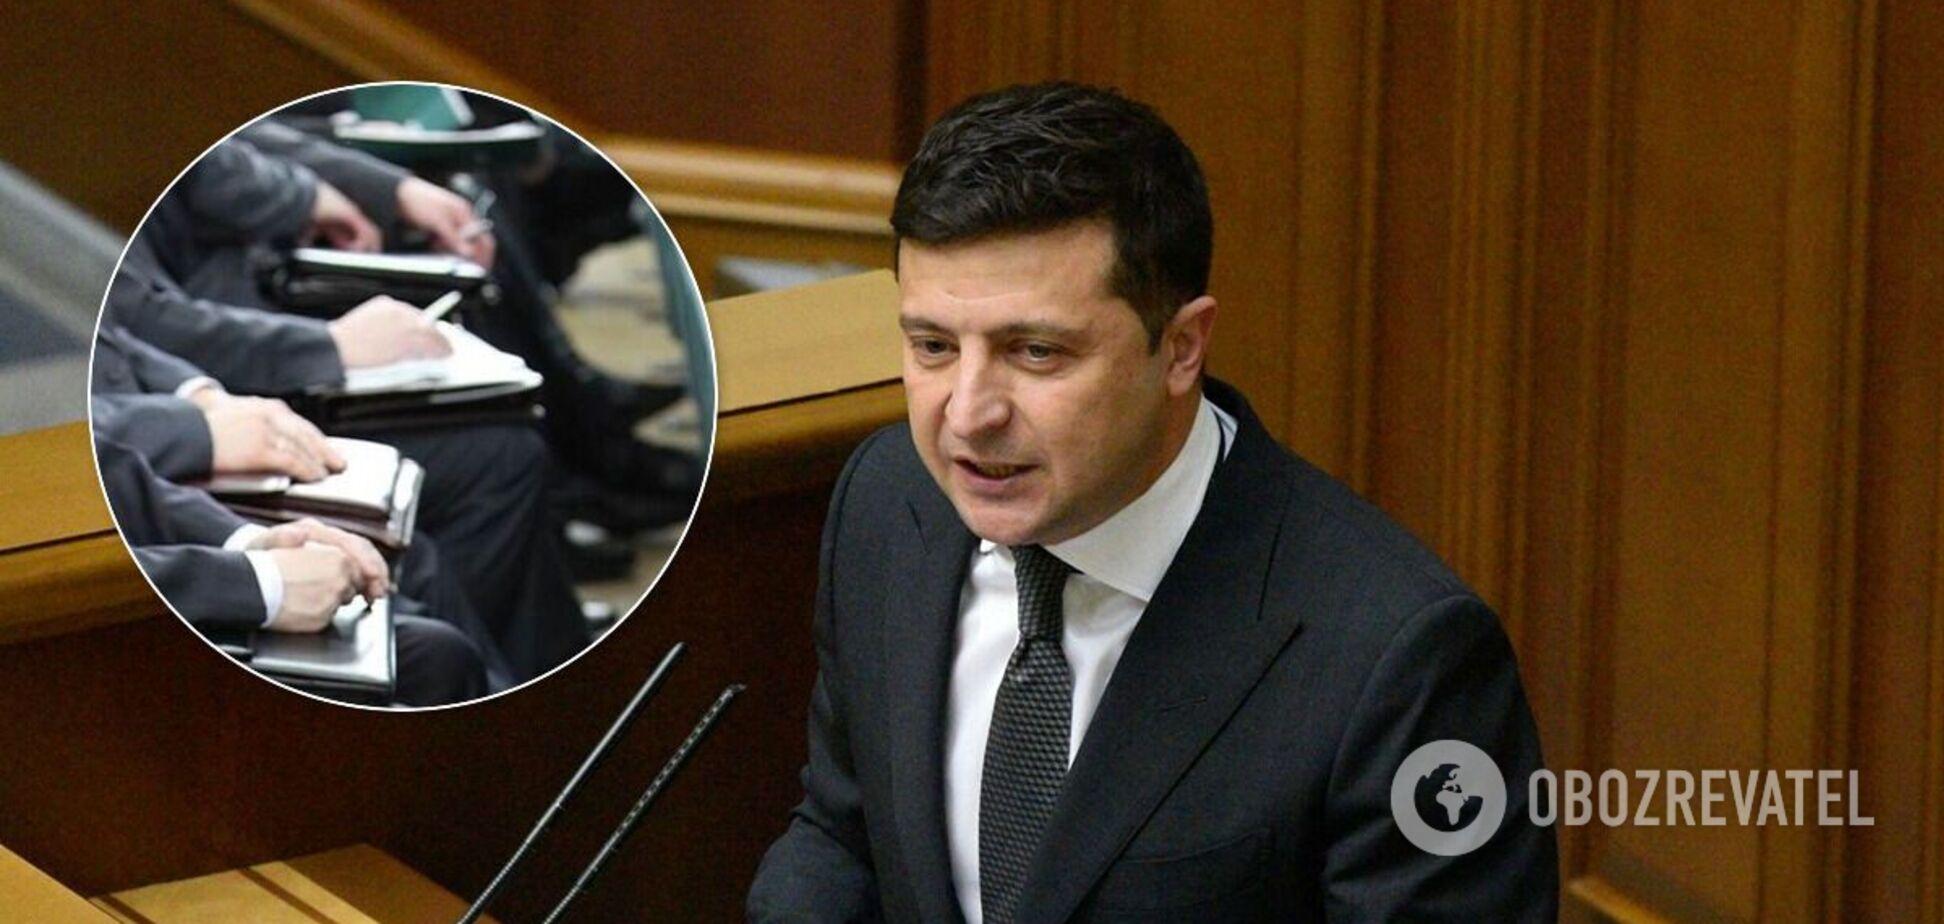 Зеленський підписав закон про зняття вікових обмежень для держслужбовців